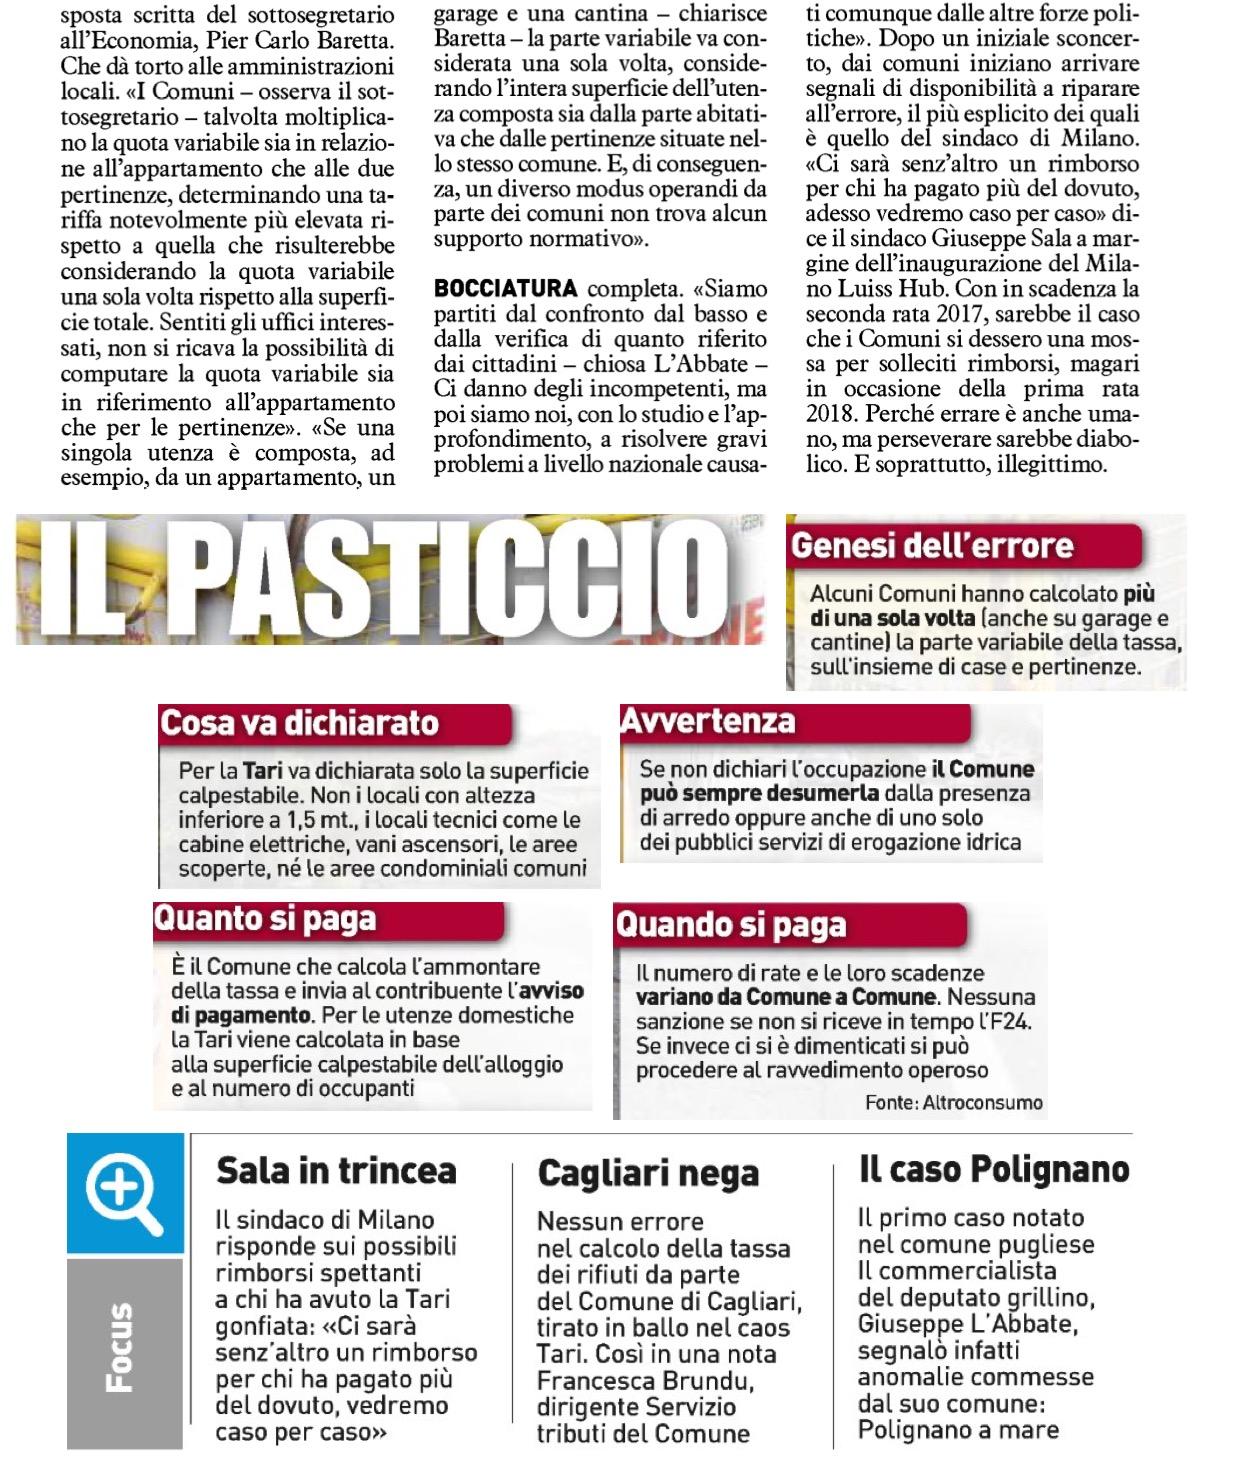 Il Quotidiano Nazionale - 11.11.2017